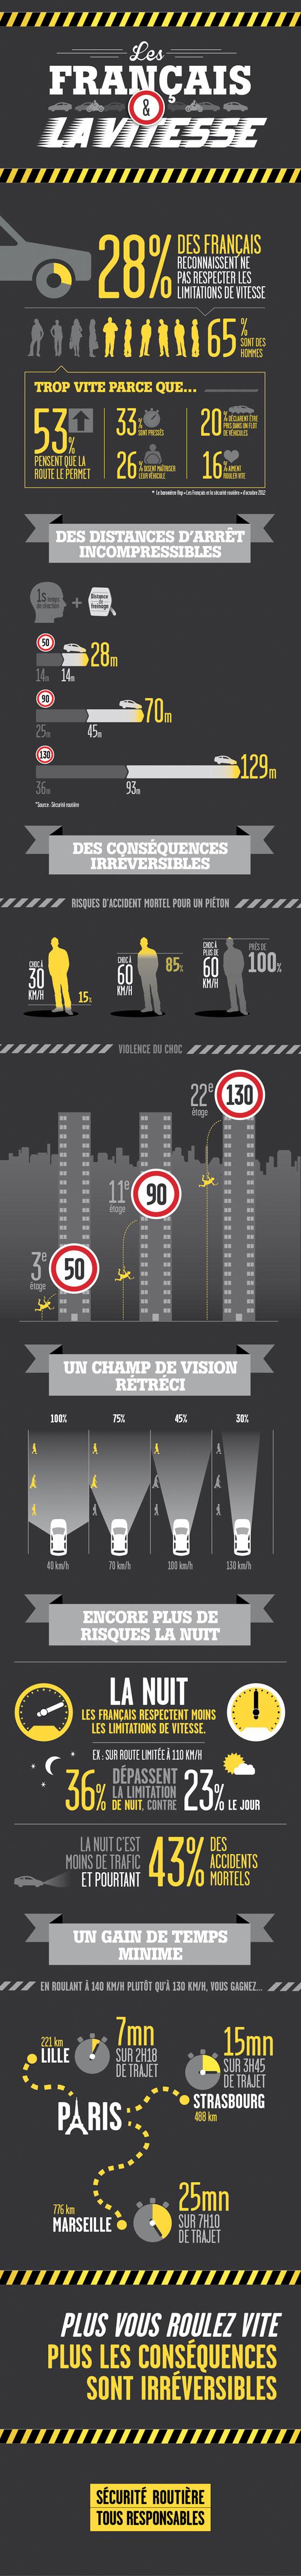 Sécurite Routière, les chiffres de la vitesse / © Ministère de l'Intérieur